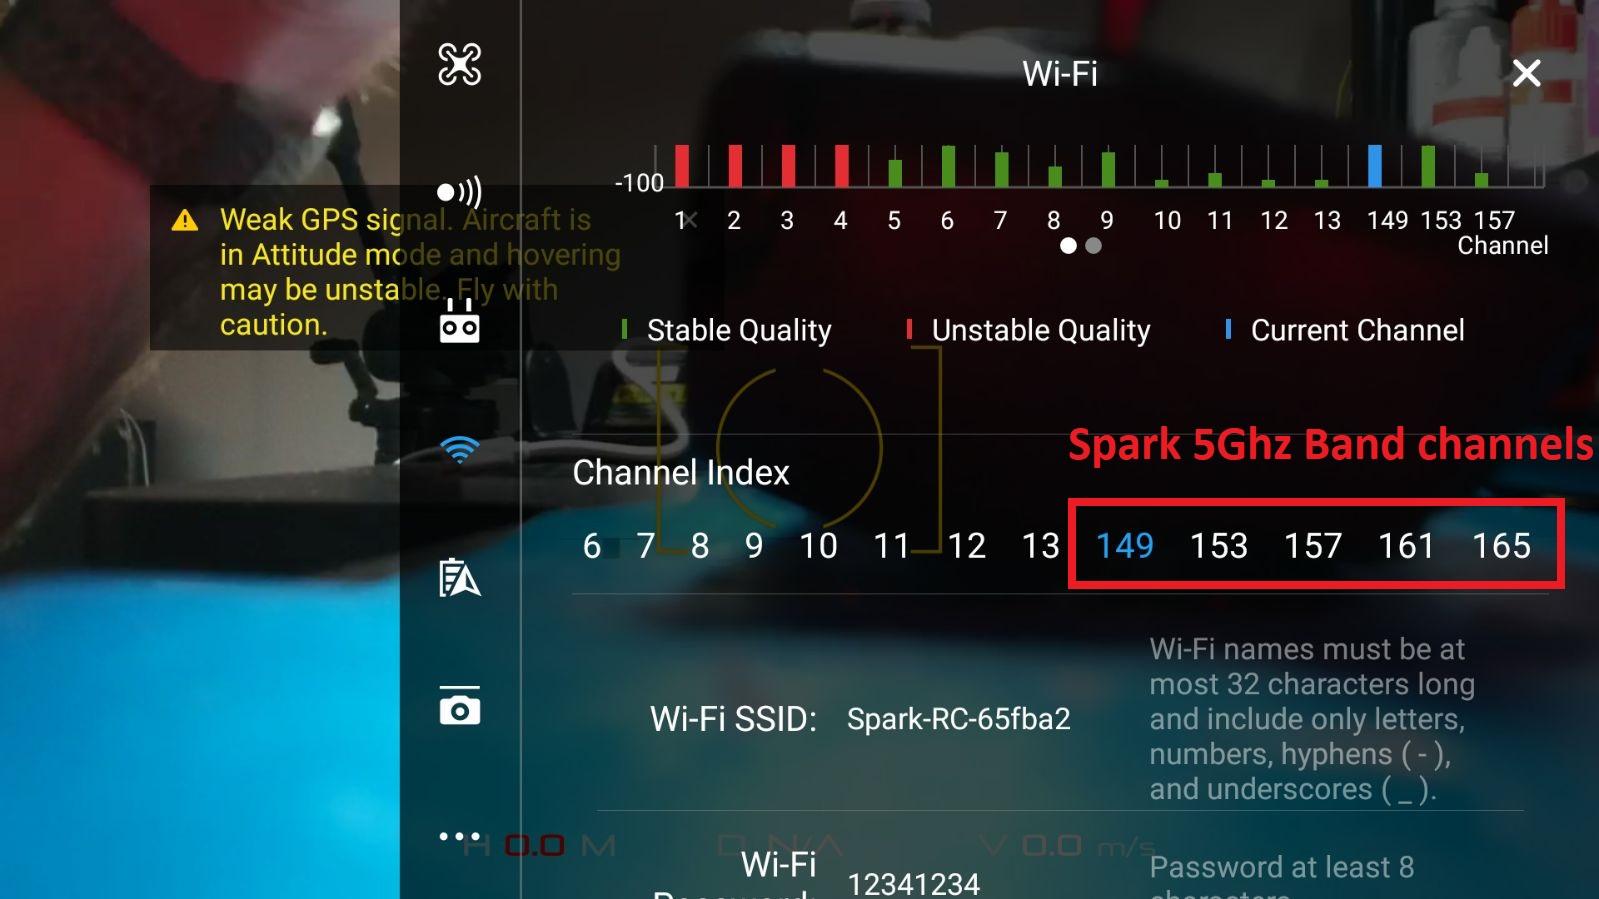 Dji Spark WiFi channel table